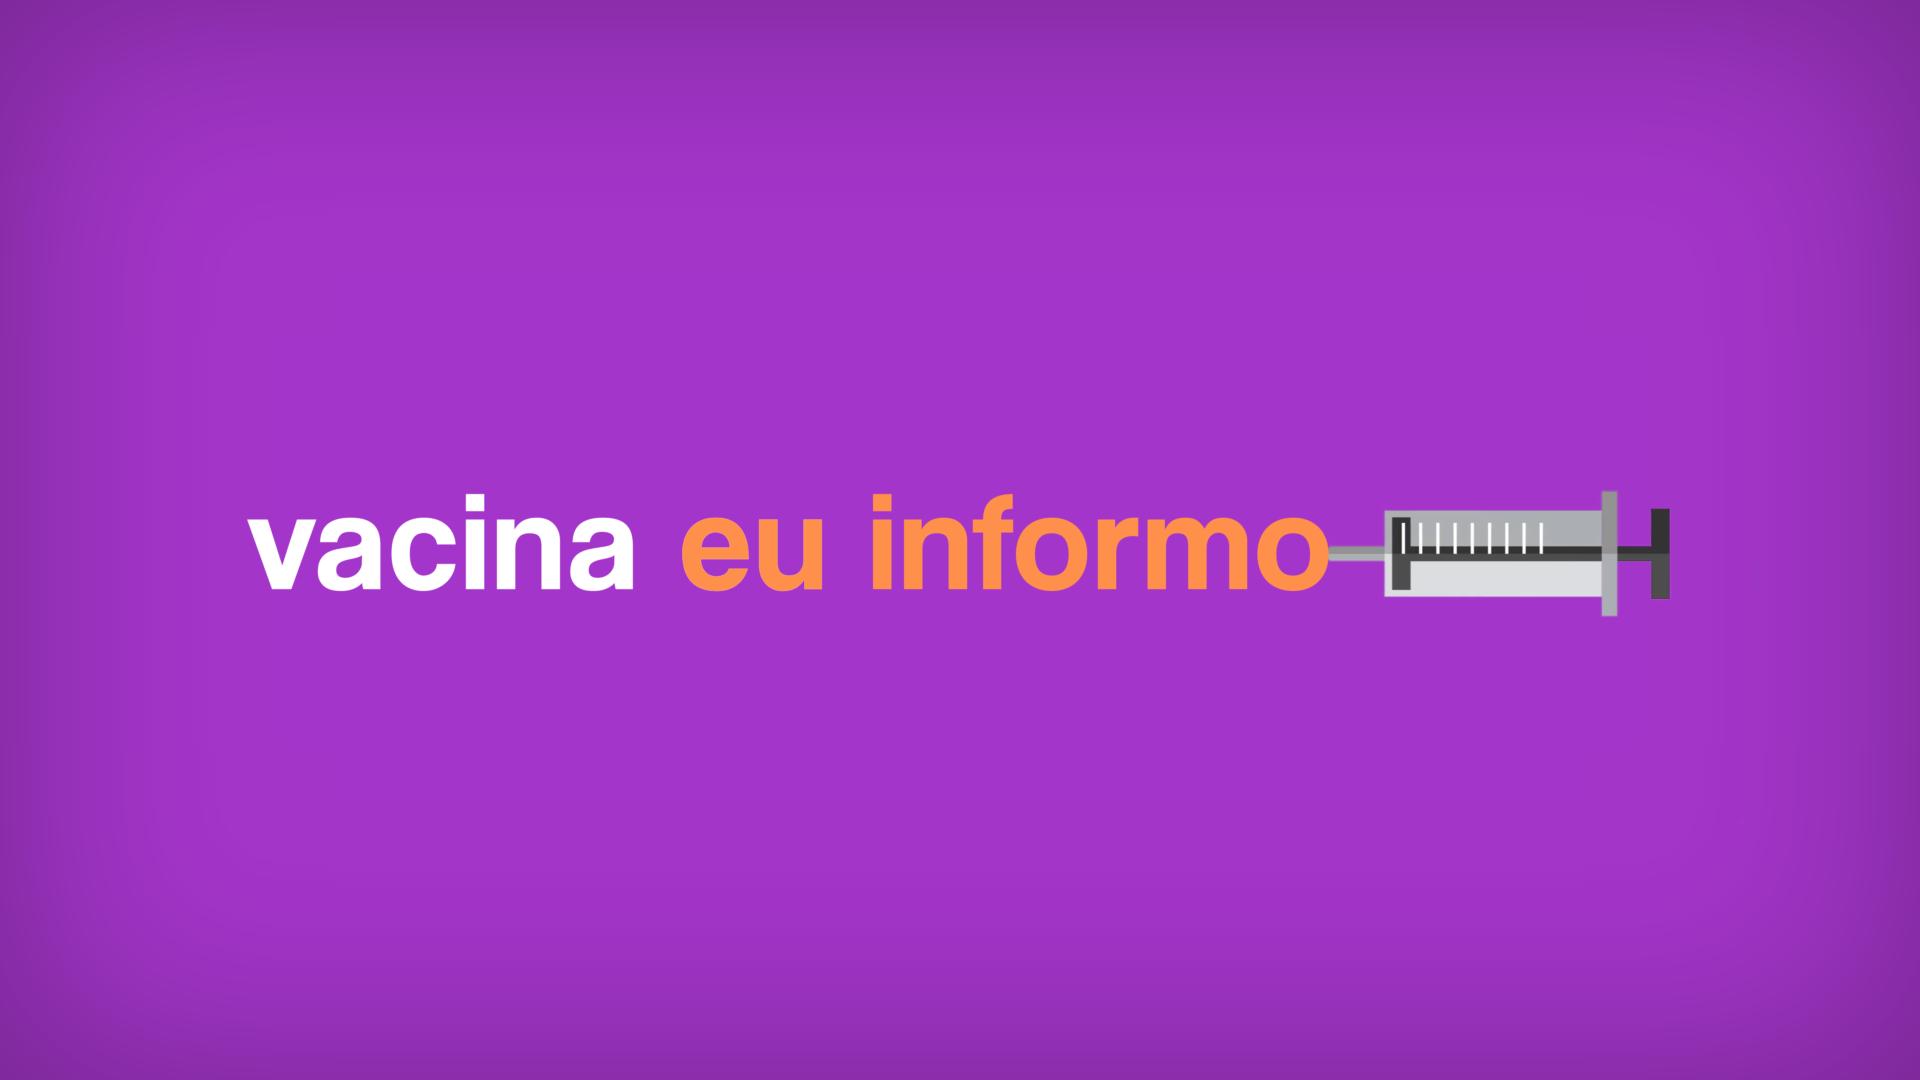 """Projeto """"Vacina: eu informo"""" está com inscrições de curso gratuito para Agentes Comunitários de Saúde de todo o país"""